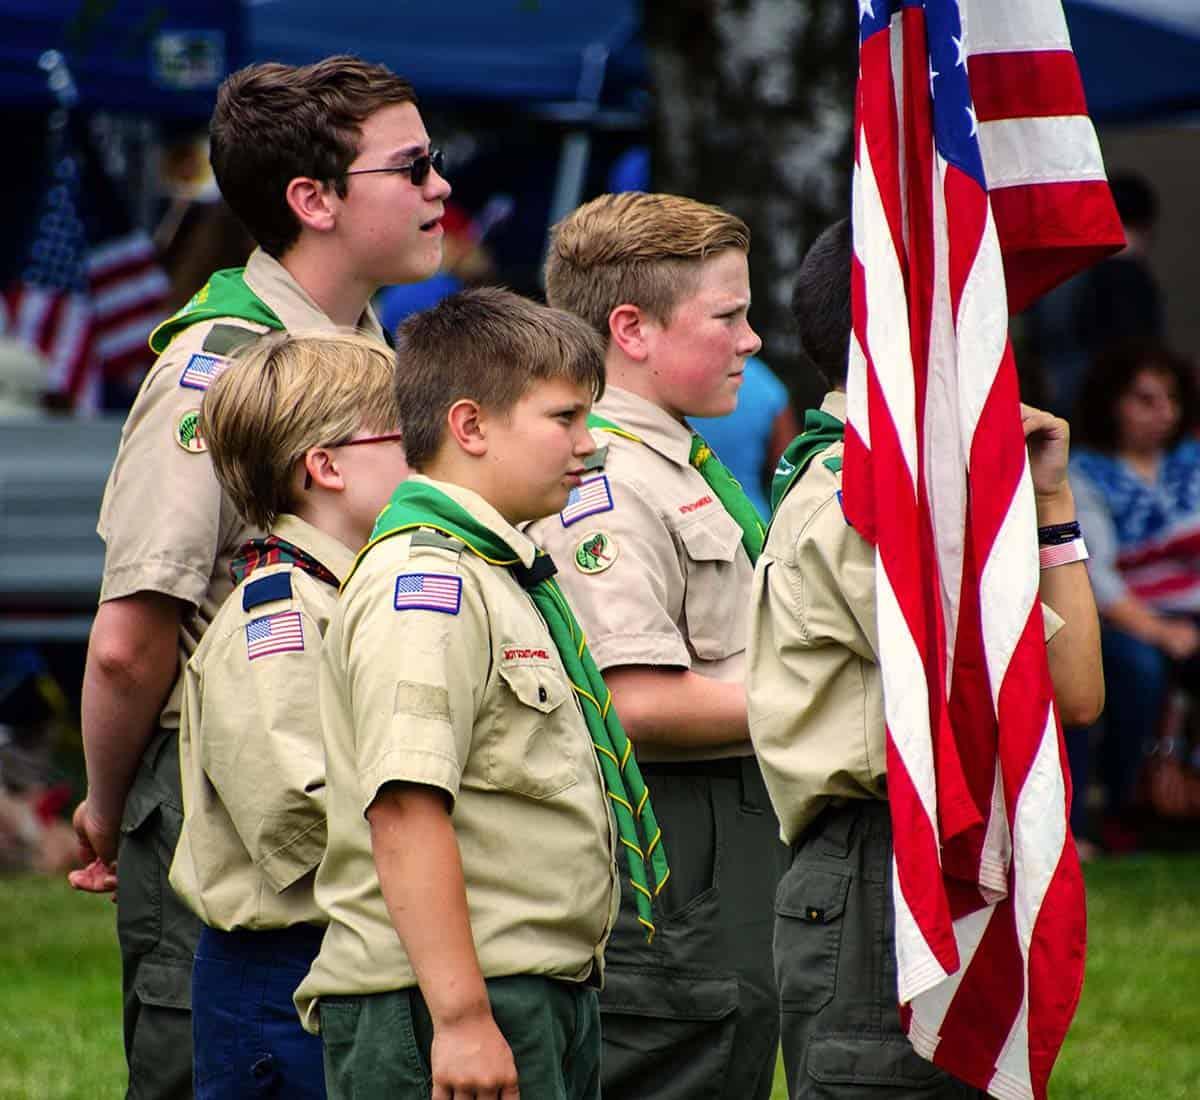 Boy Scouts Lawsuits Deadline Looms